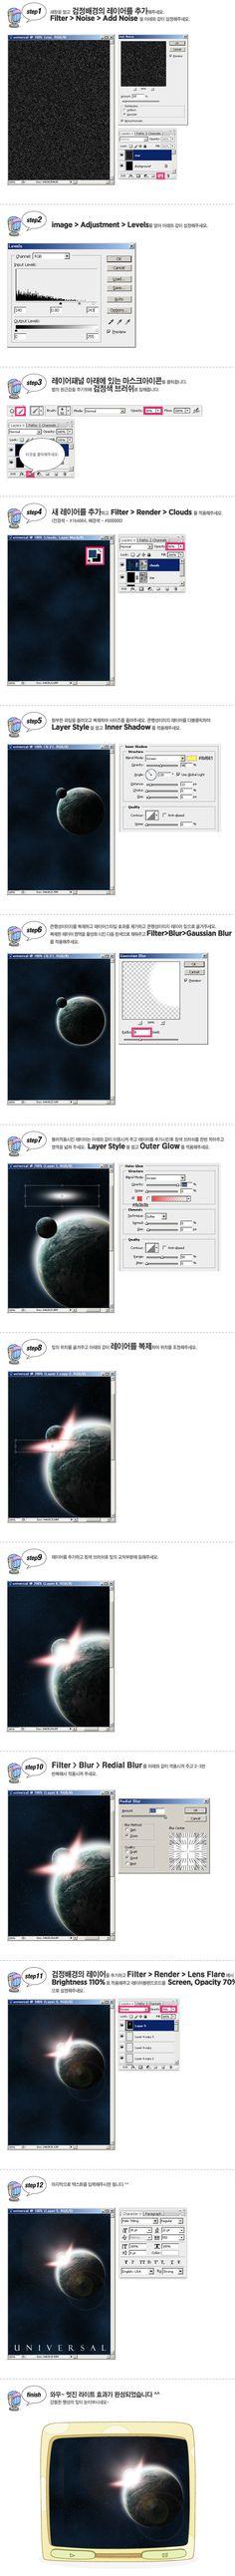 [포토샵 강좌]효과 - 멋진 라이트 효과 만들기-Design小站-人人小站